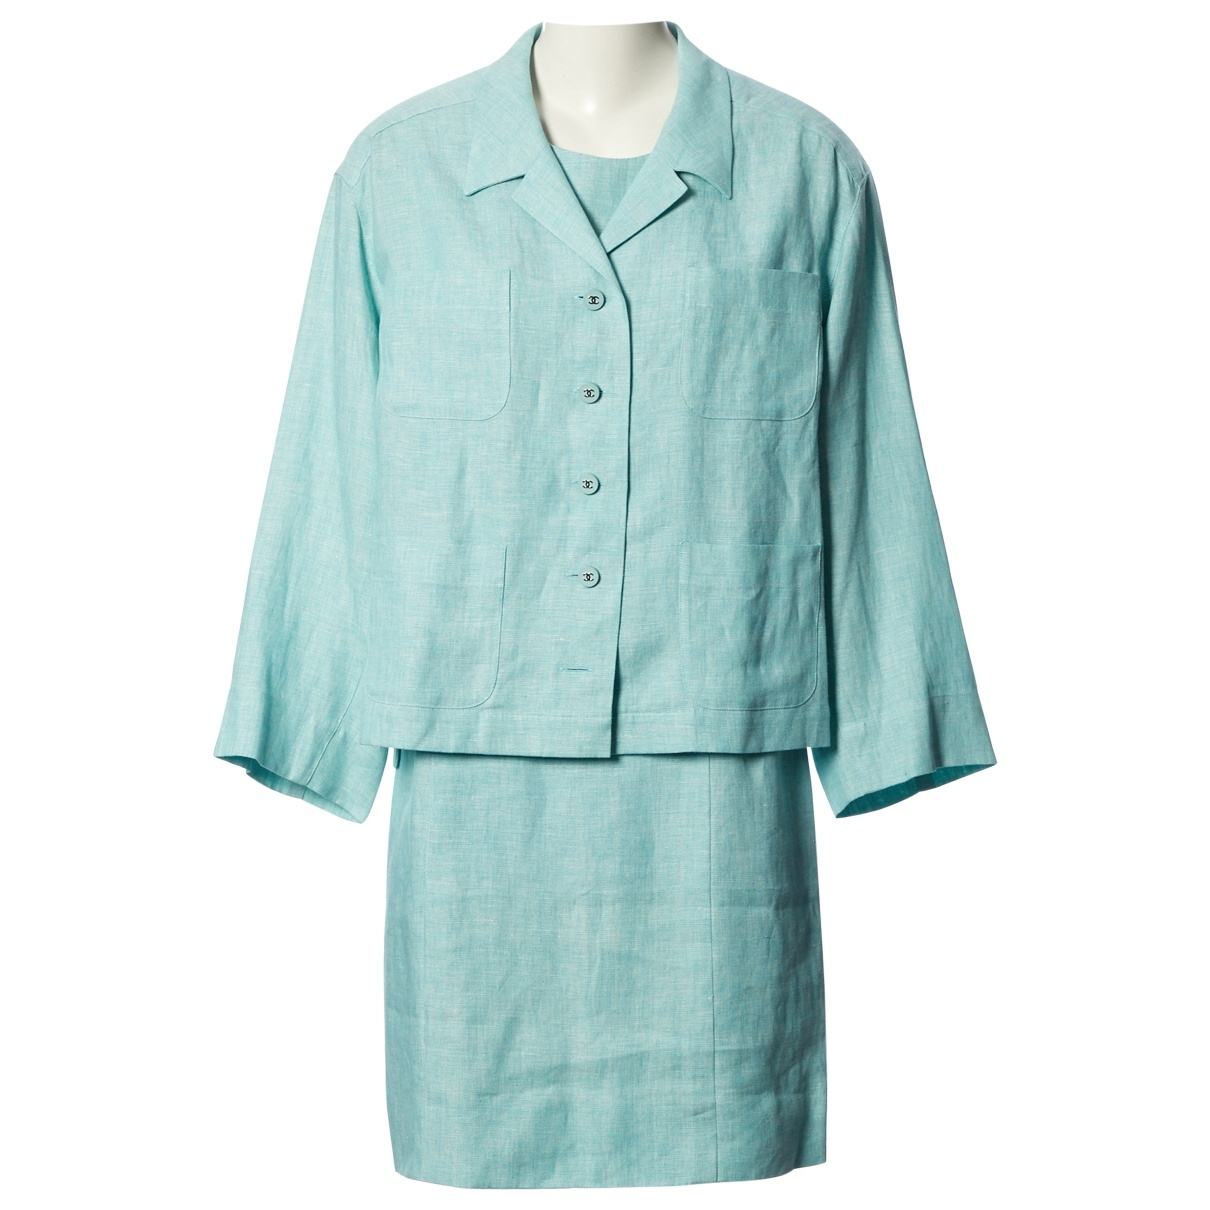 Chanel \N Turquoise Linen dress for Women 42 FR